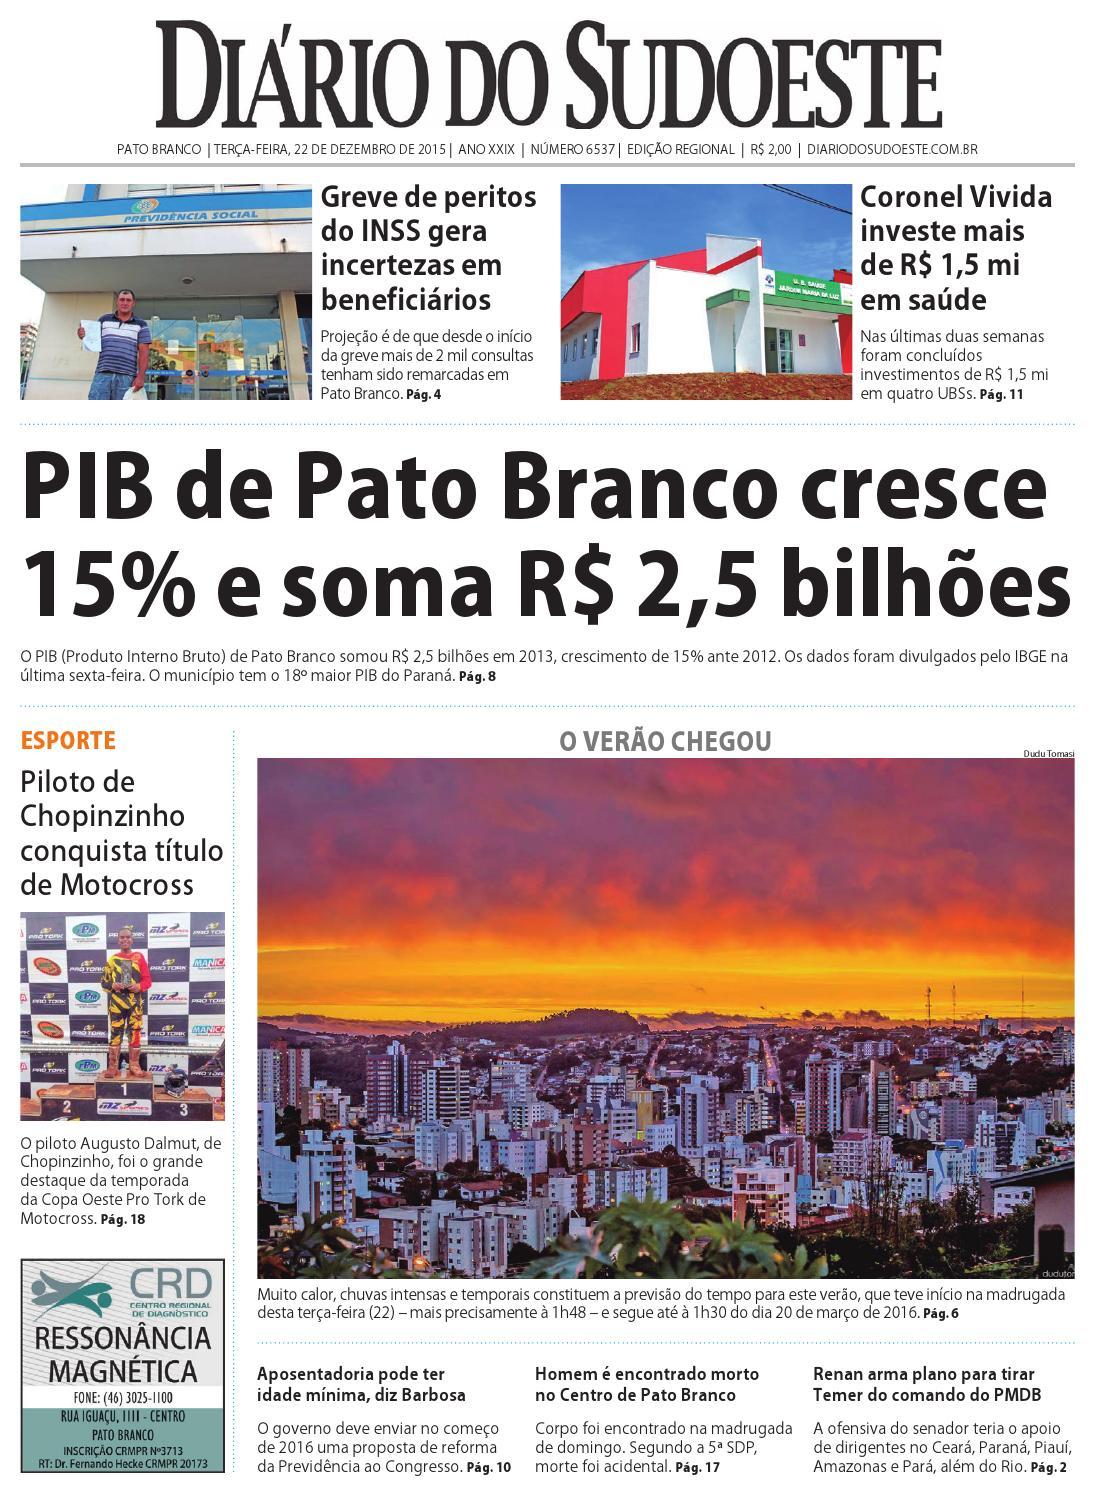 Diário do sudoeste 22 de dezembro de 2015 ed 6537 by Diário do Sudoeste -  issuu 72b7d50056139